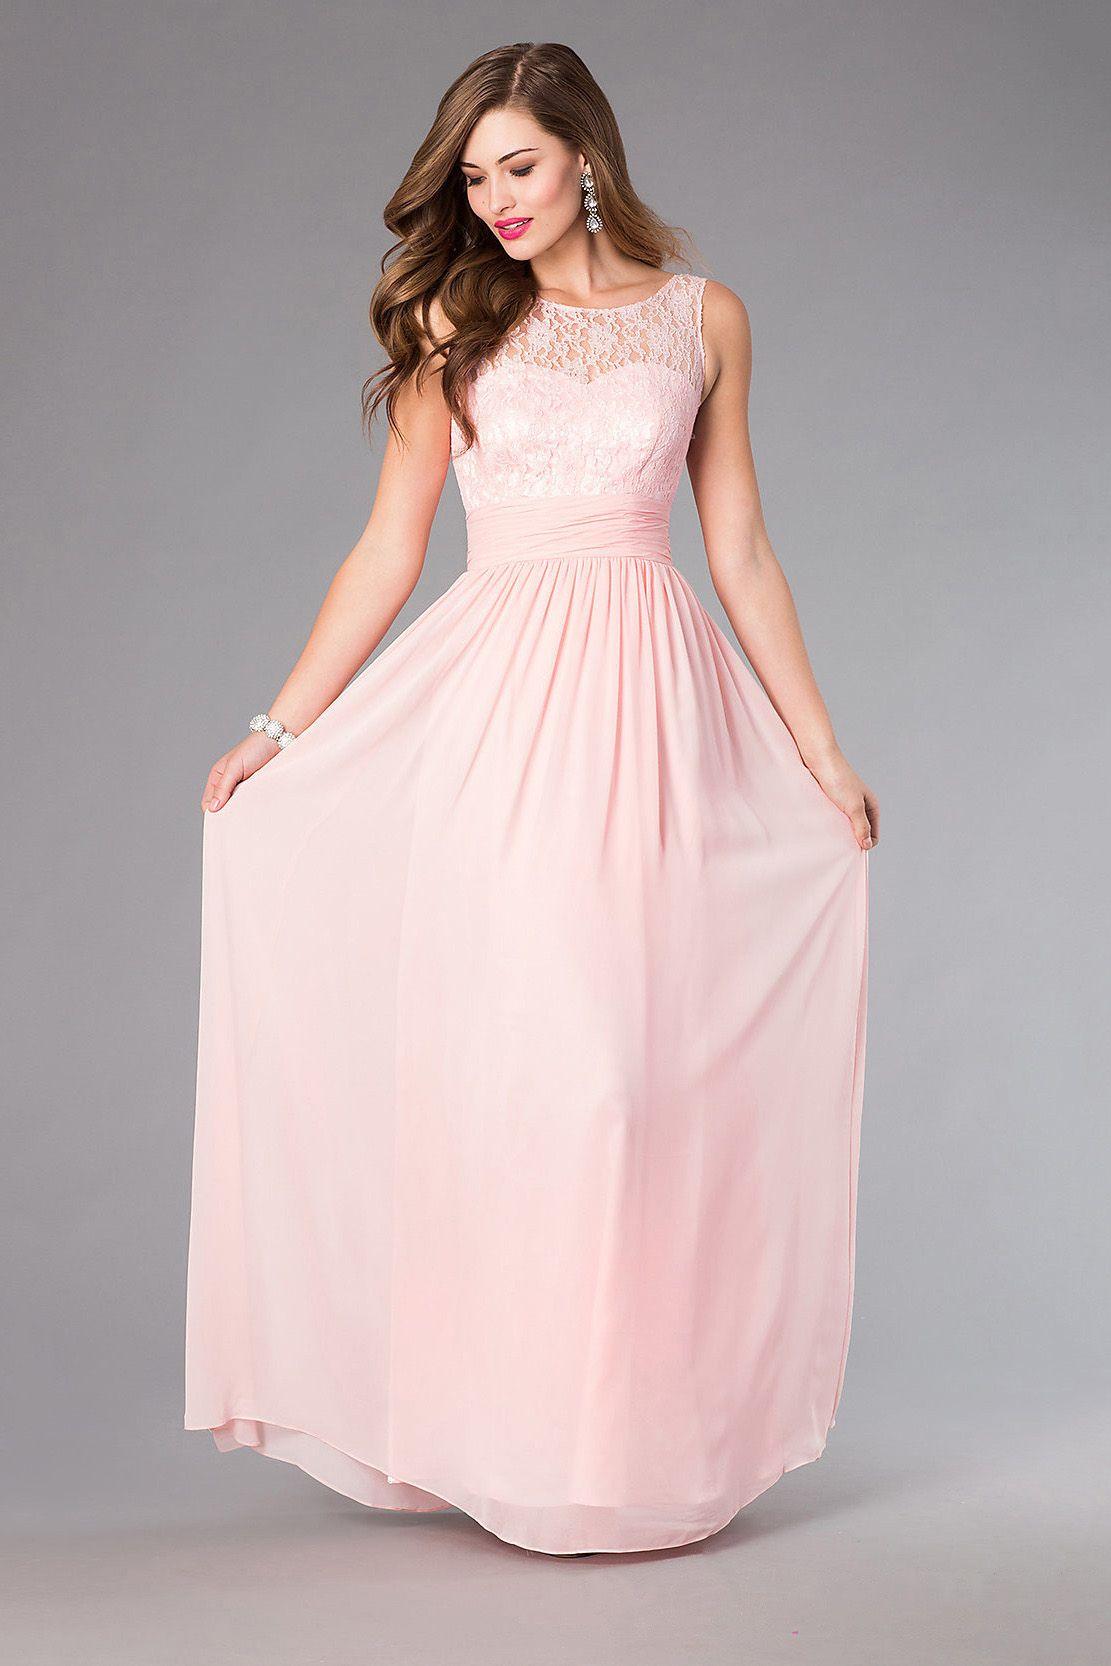 Photo of Bridesire – Sheath Scoop bodenlange Kleidung [BDNDQ8769] – 129,05 €: Braut …